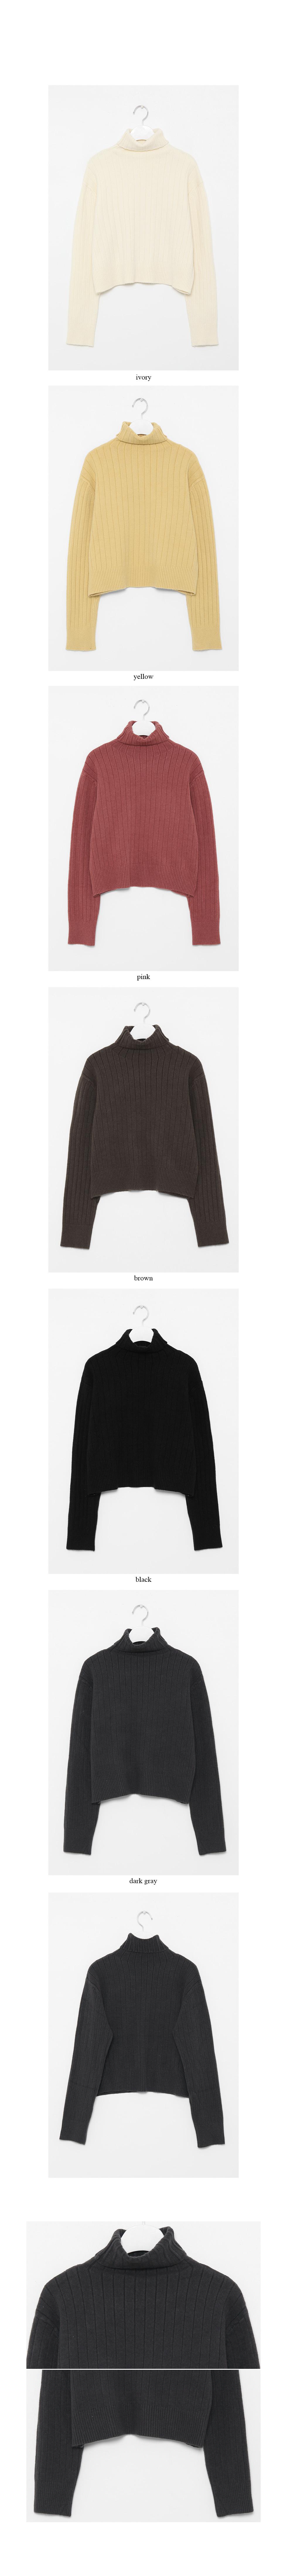 brunch crop pola knit